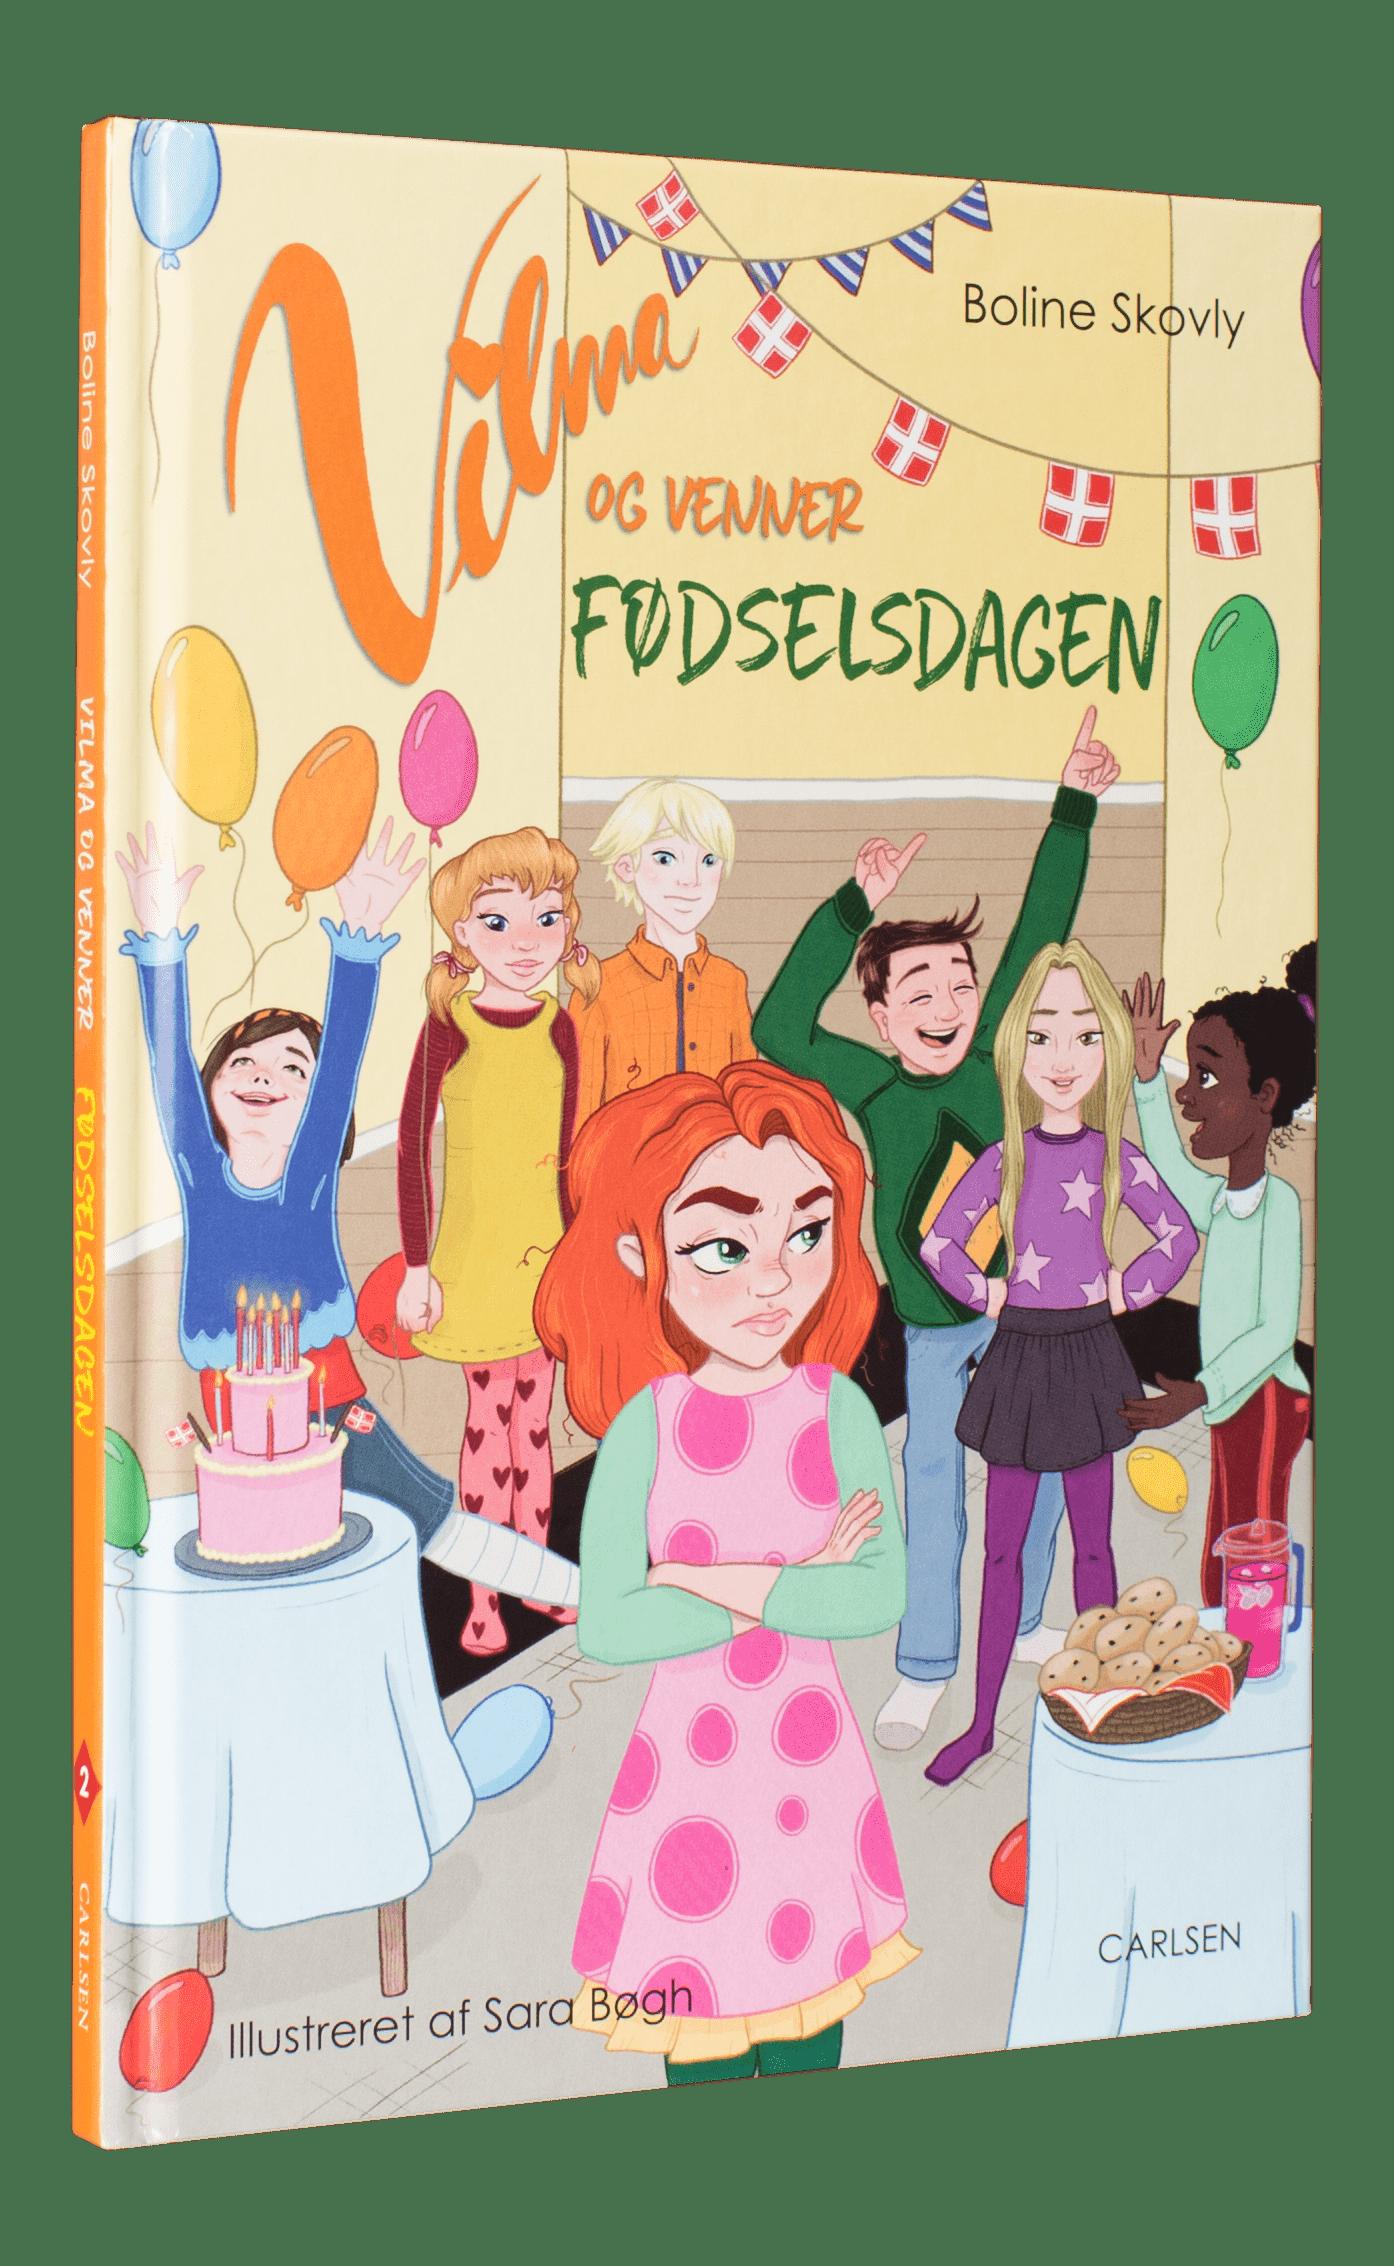 Vilma og venner, boline skovly, selvlæsning, bøger til 6-9-årige, at turde være sig selv, letlæsning, læs selv